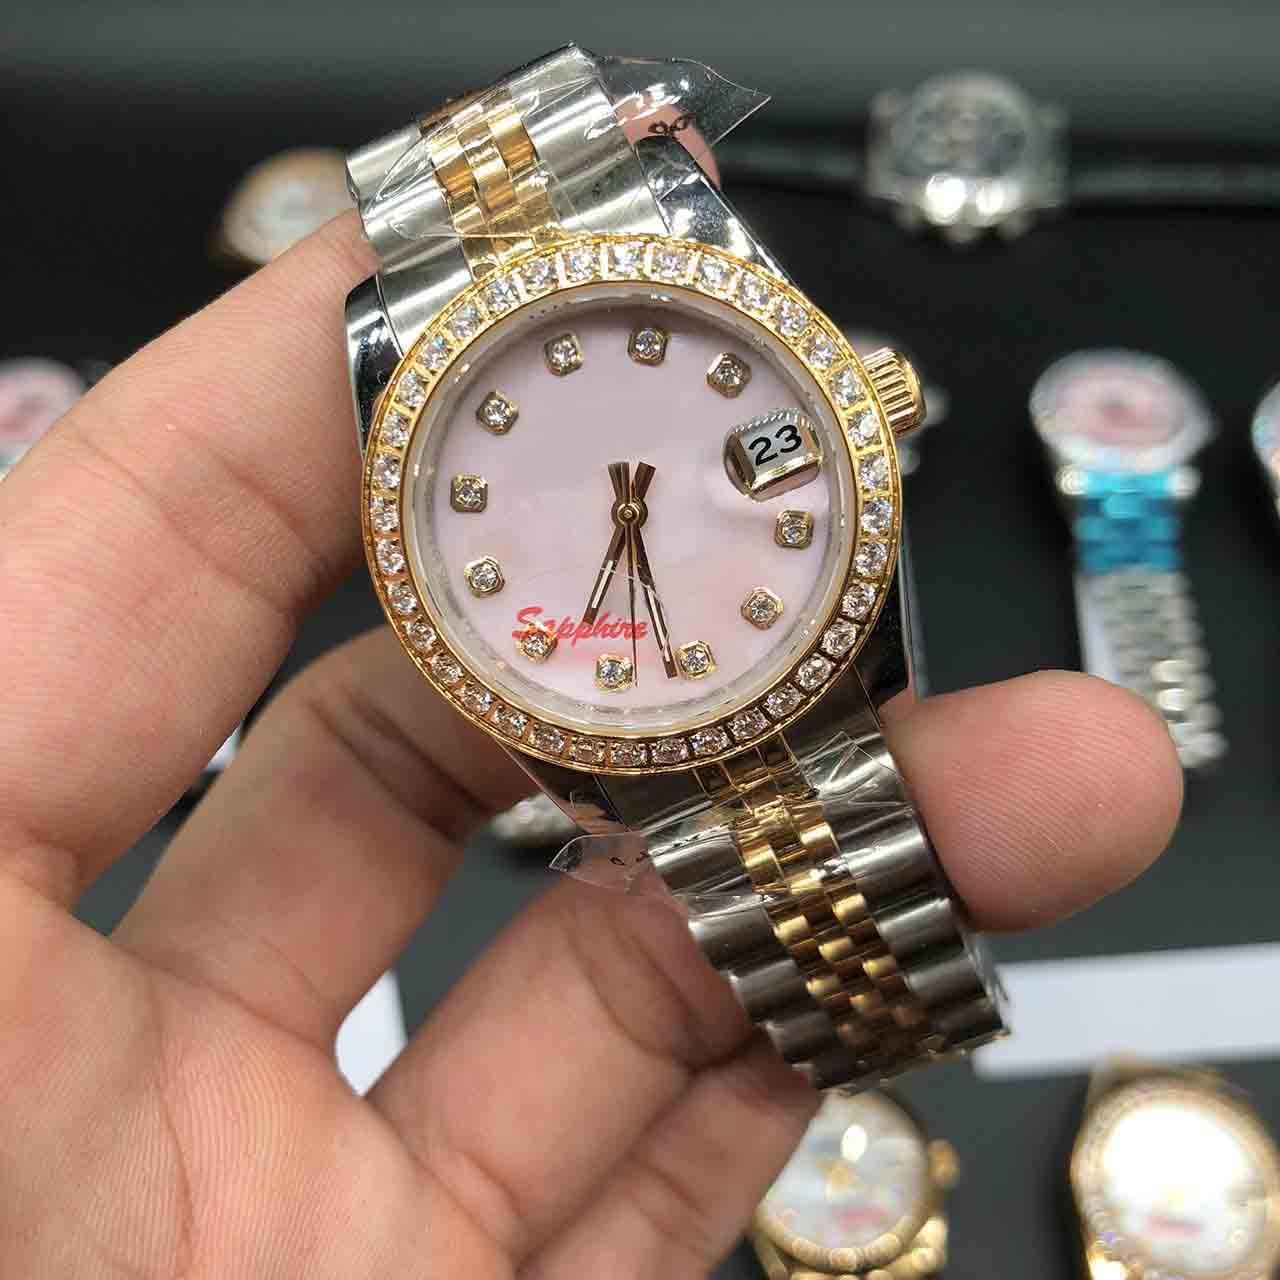 Mehrere Farbe Damenuhr Präsident Diamant Lünette Muschelgesicht Frauen Edelsteine Uhren Niedrigsten Preis Damen Automatische mechanische Handgelenkgeschenk 31mm